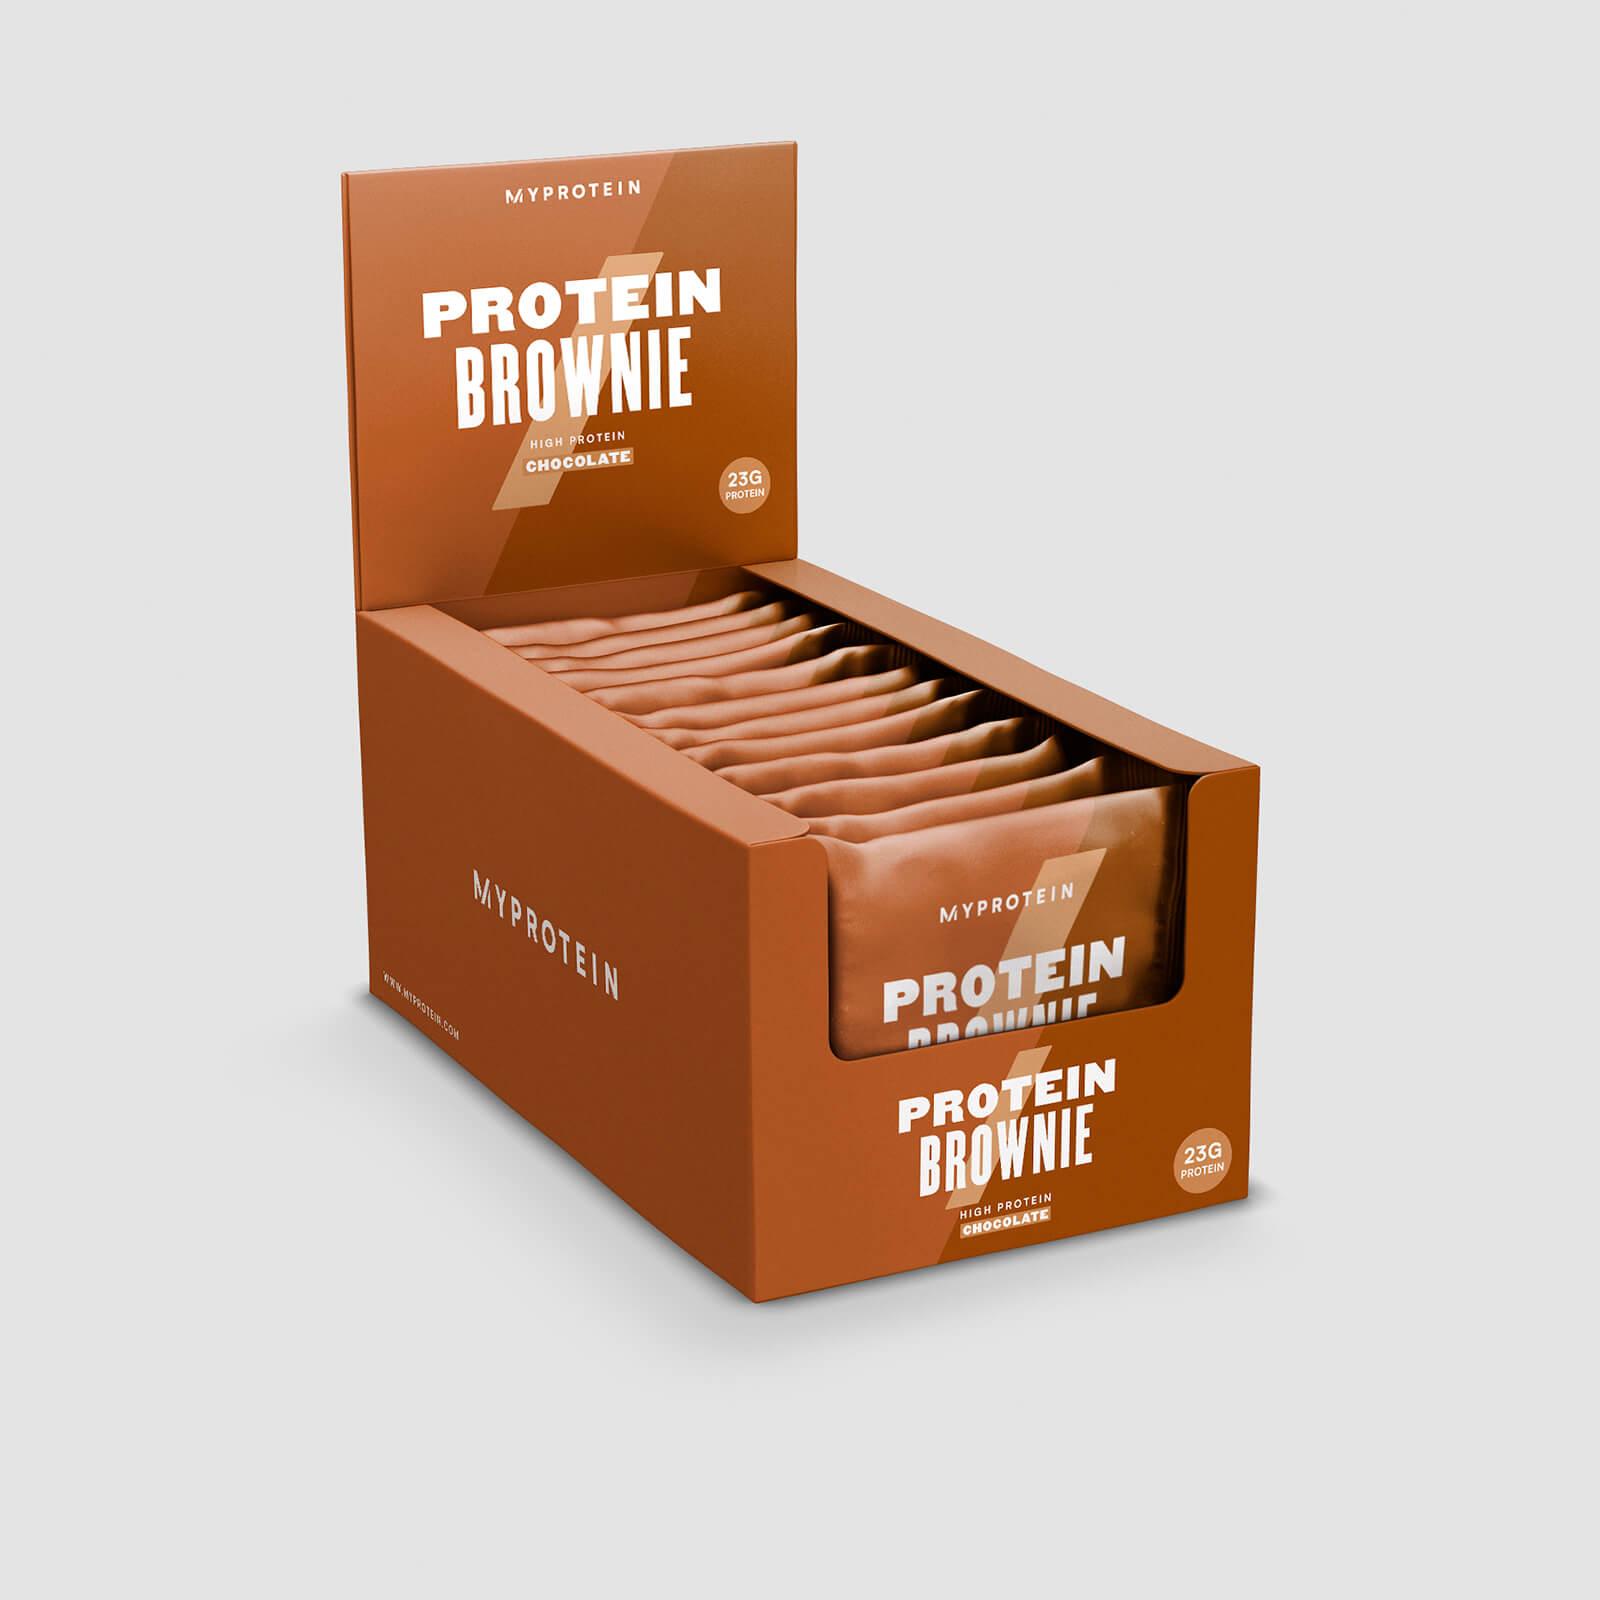 MYPROTEIN.DE 60% Rabatt Countdown nächsten 2 Std.! Z.B. Protein Brownie. (Alternativ 30% mit Code: 'STARK')